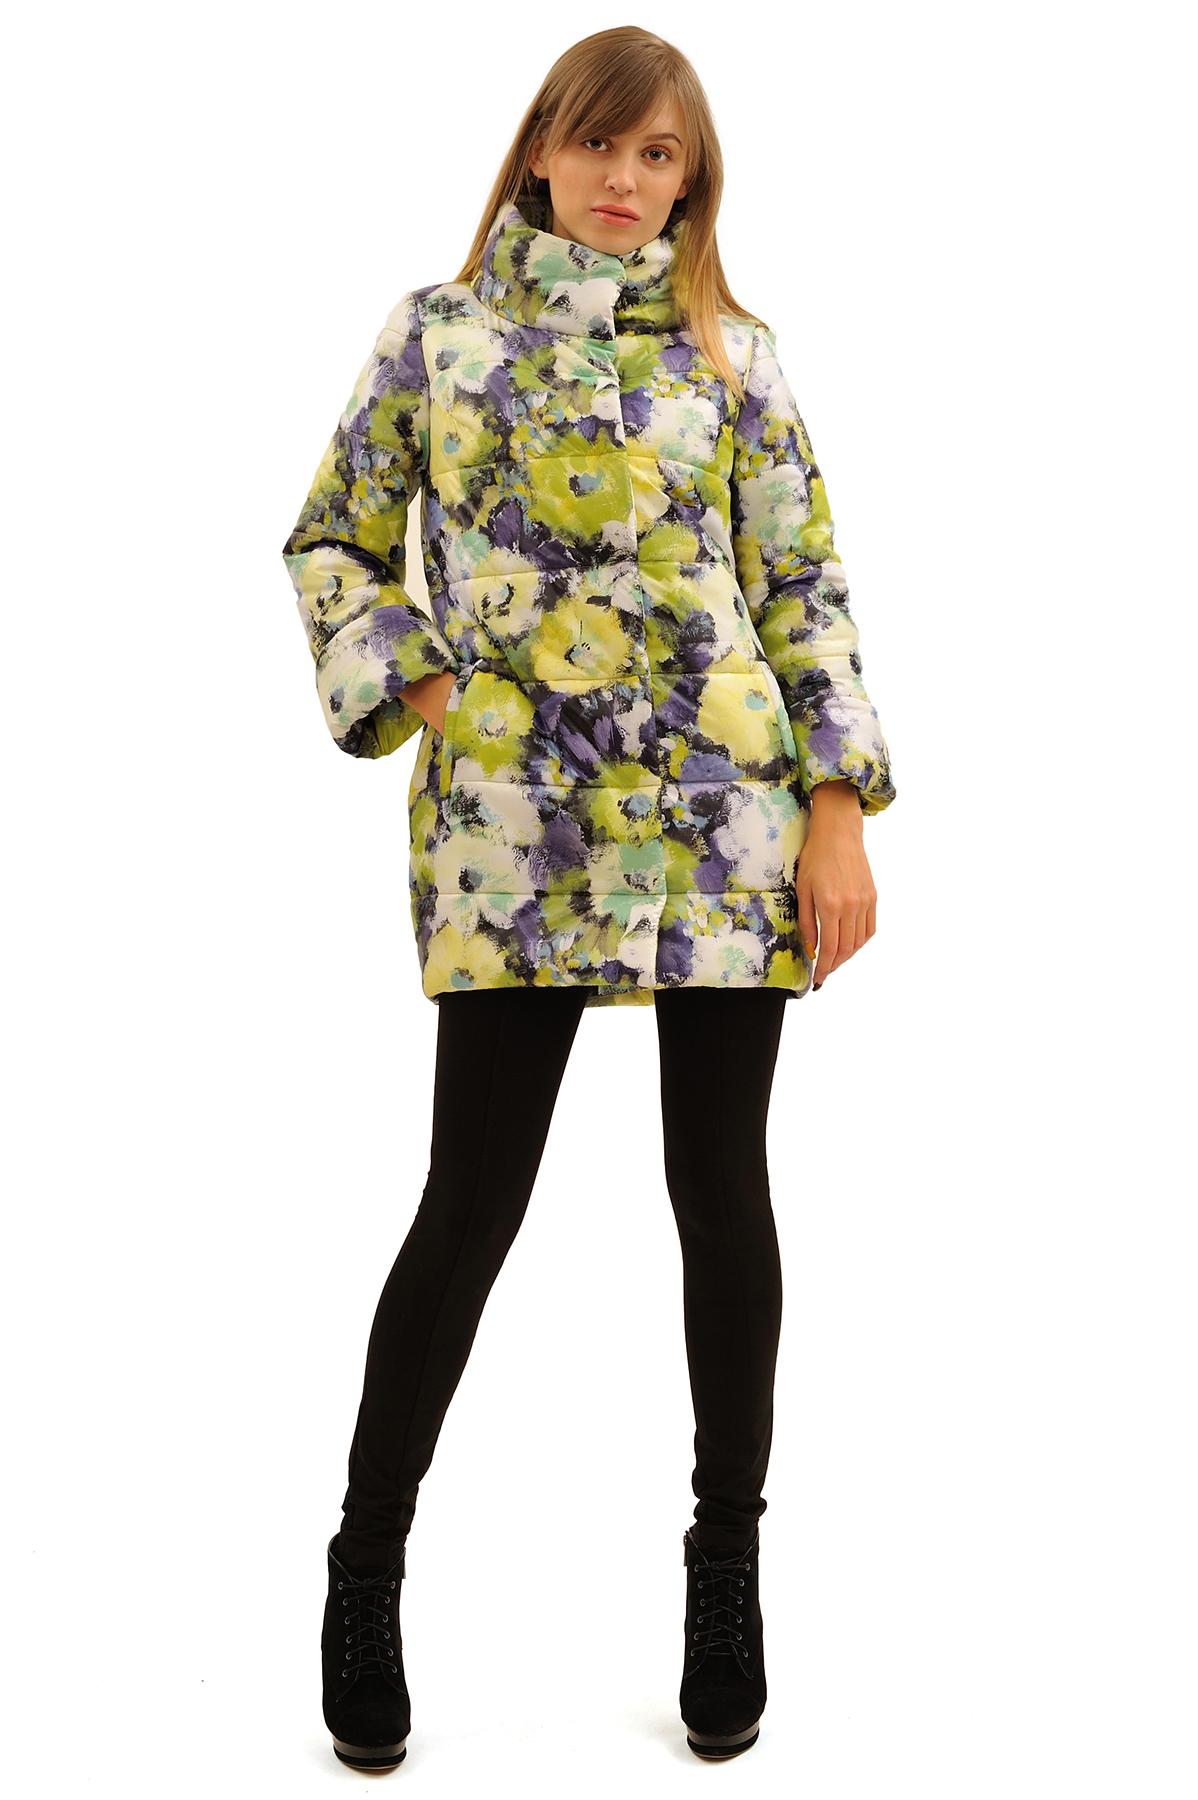 ПальтоЗимние куртки, пальто, пуховики<br>В холодный зимний день очень важно ощущение тепла и комфорта. Это тепло может подарить Вам это очаровательное полупальто. модель прекрасно сидит по фигуре. Оригинальность пальто заключается в модной яркой расцветке.<br><br>Цвет: зеленый,фиолетовый<br>Состав: 100% полиэстер, подкладка - 100% полиэстер, утеплитель - 100% полиэстер (синтепон)<br>Размер: 52,58,60<br>Страна дизайна: Россия<br>Страна производства: Россия